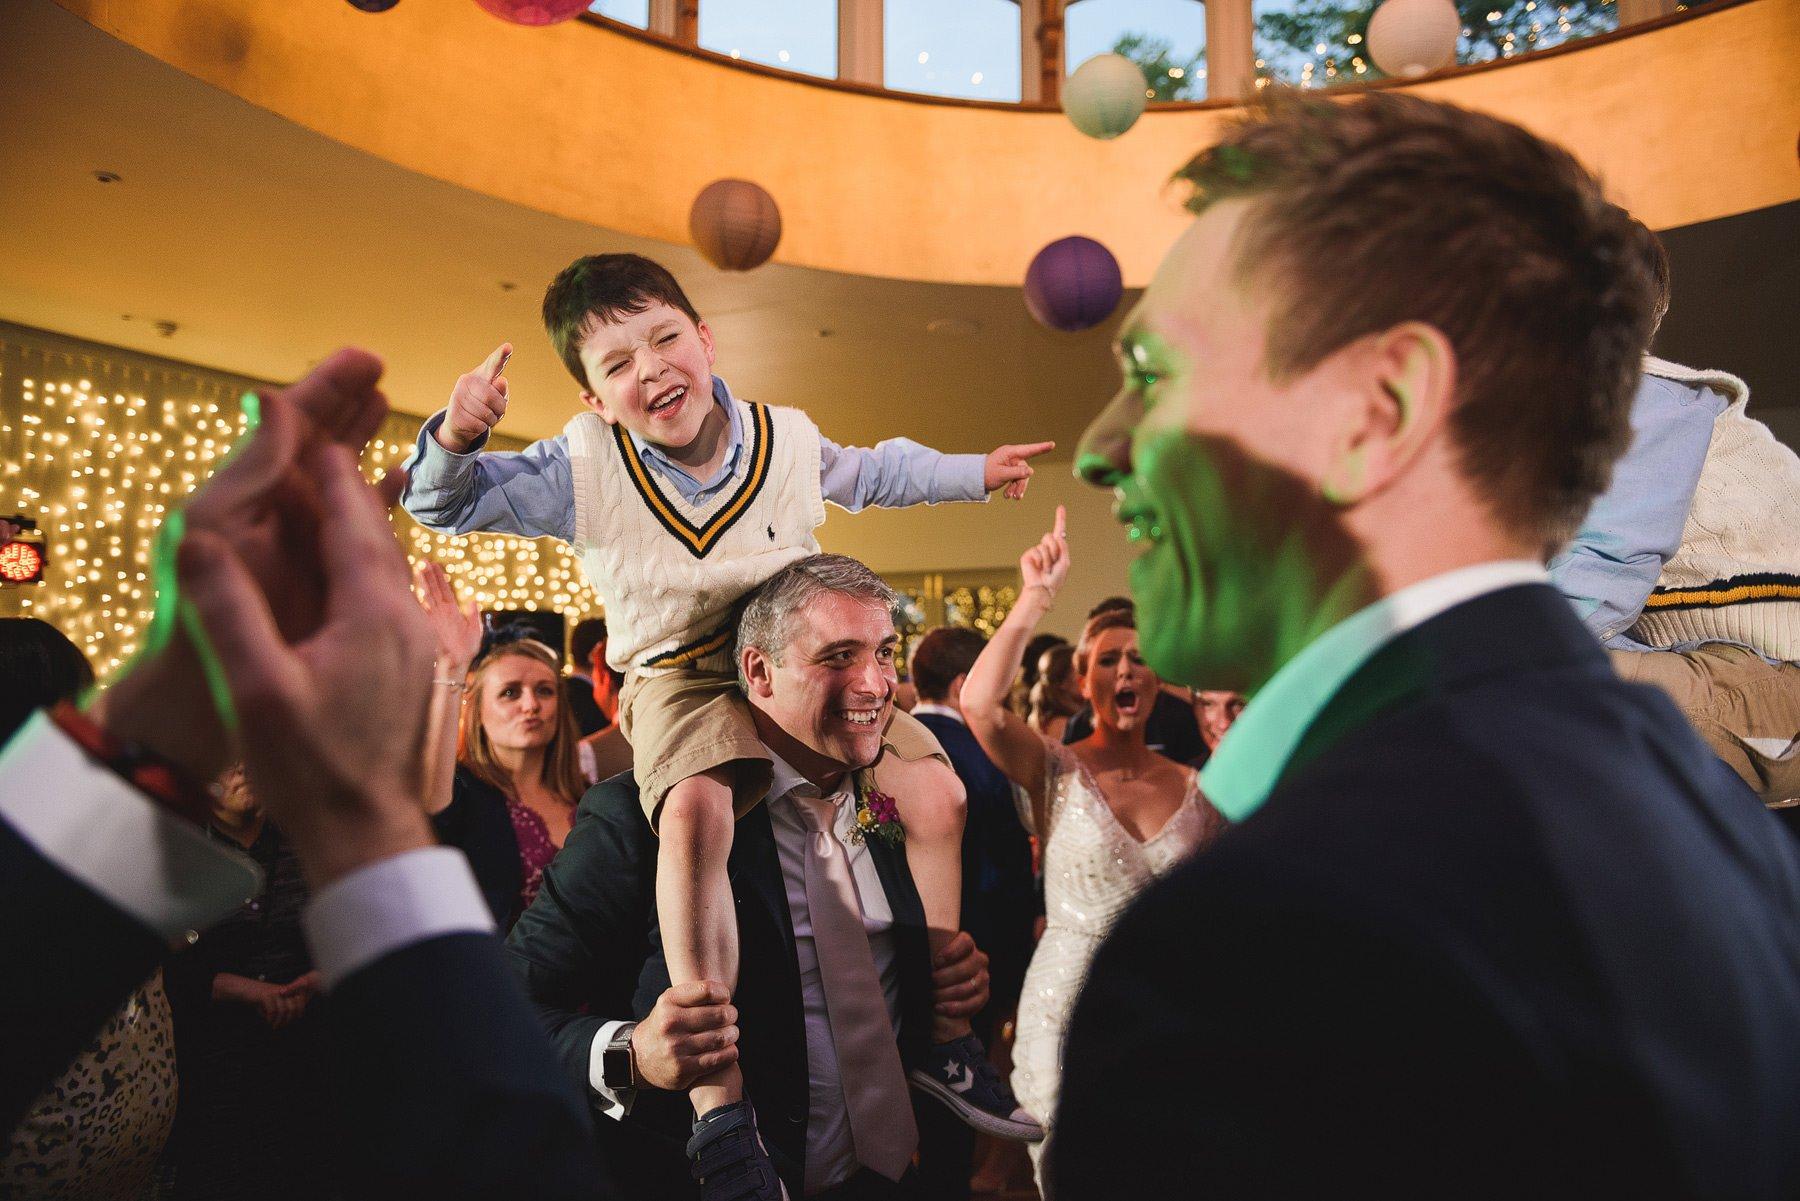 dancefloor at matara wedding